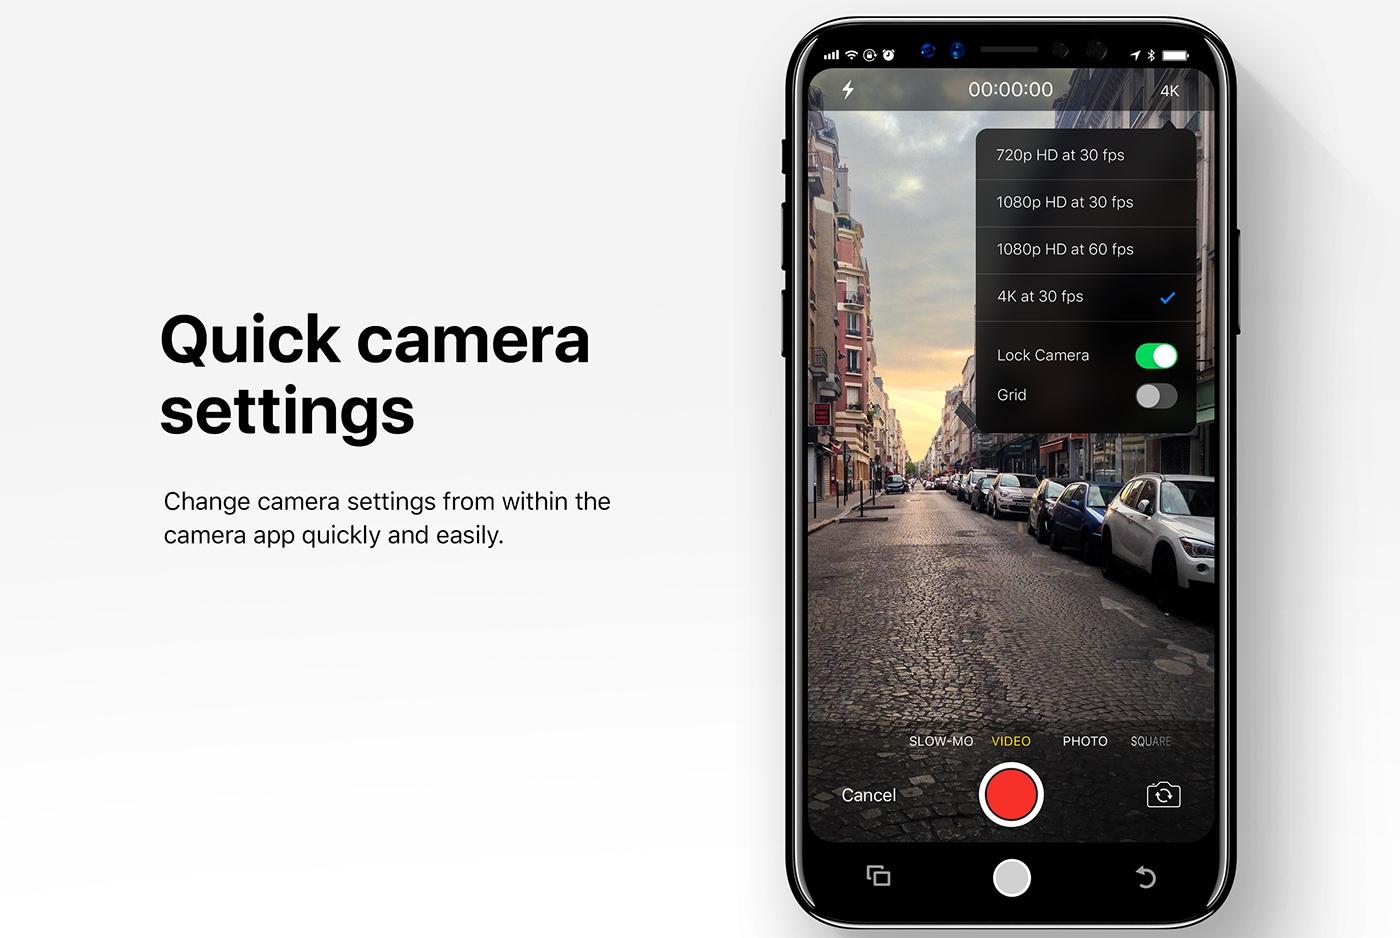 Single swipe camera setting in iOS 12